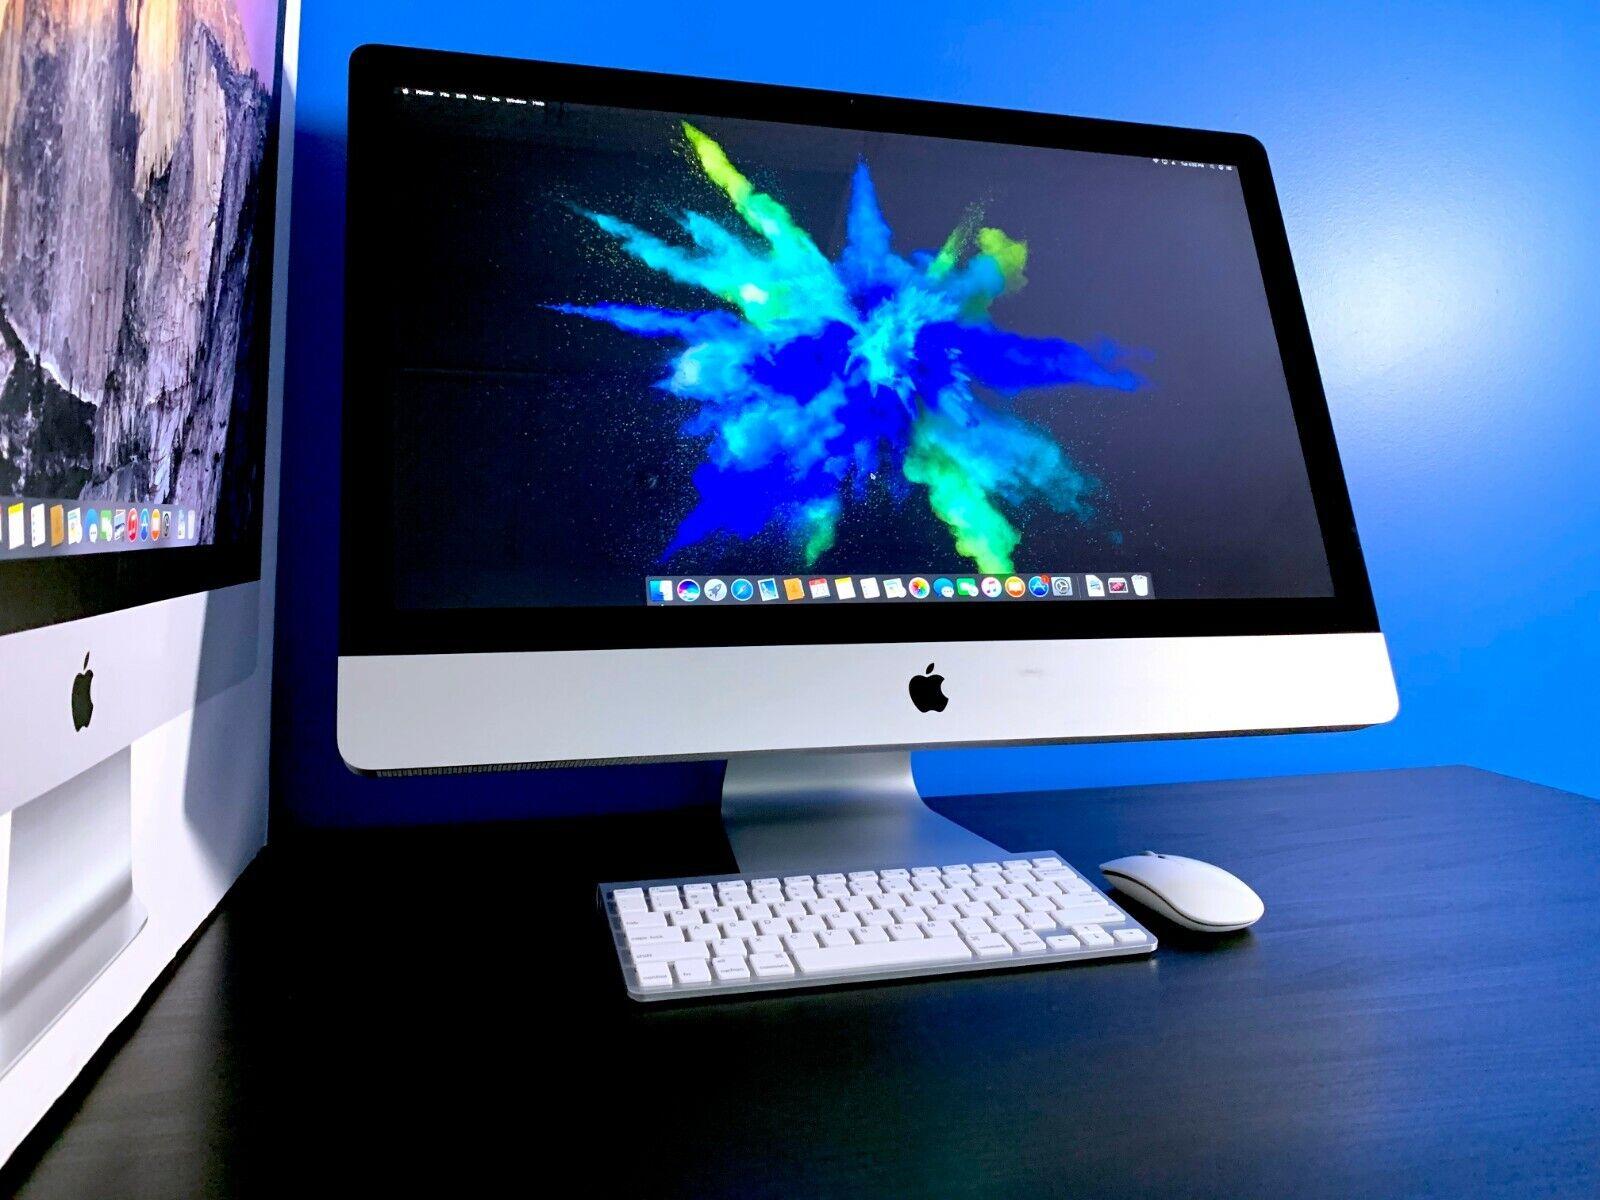 APPLE IMAC 27 INCH MAC DESKTOP COMPUTER | 2.7GHZ | 1TB HD | 2 YEAR WARRANTY!. Buy it now for 799.00